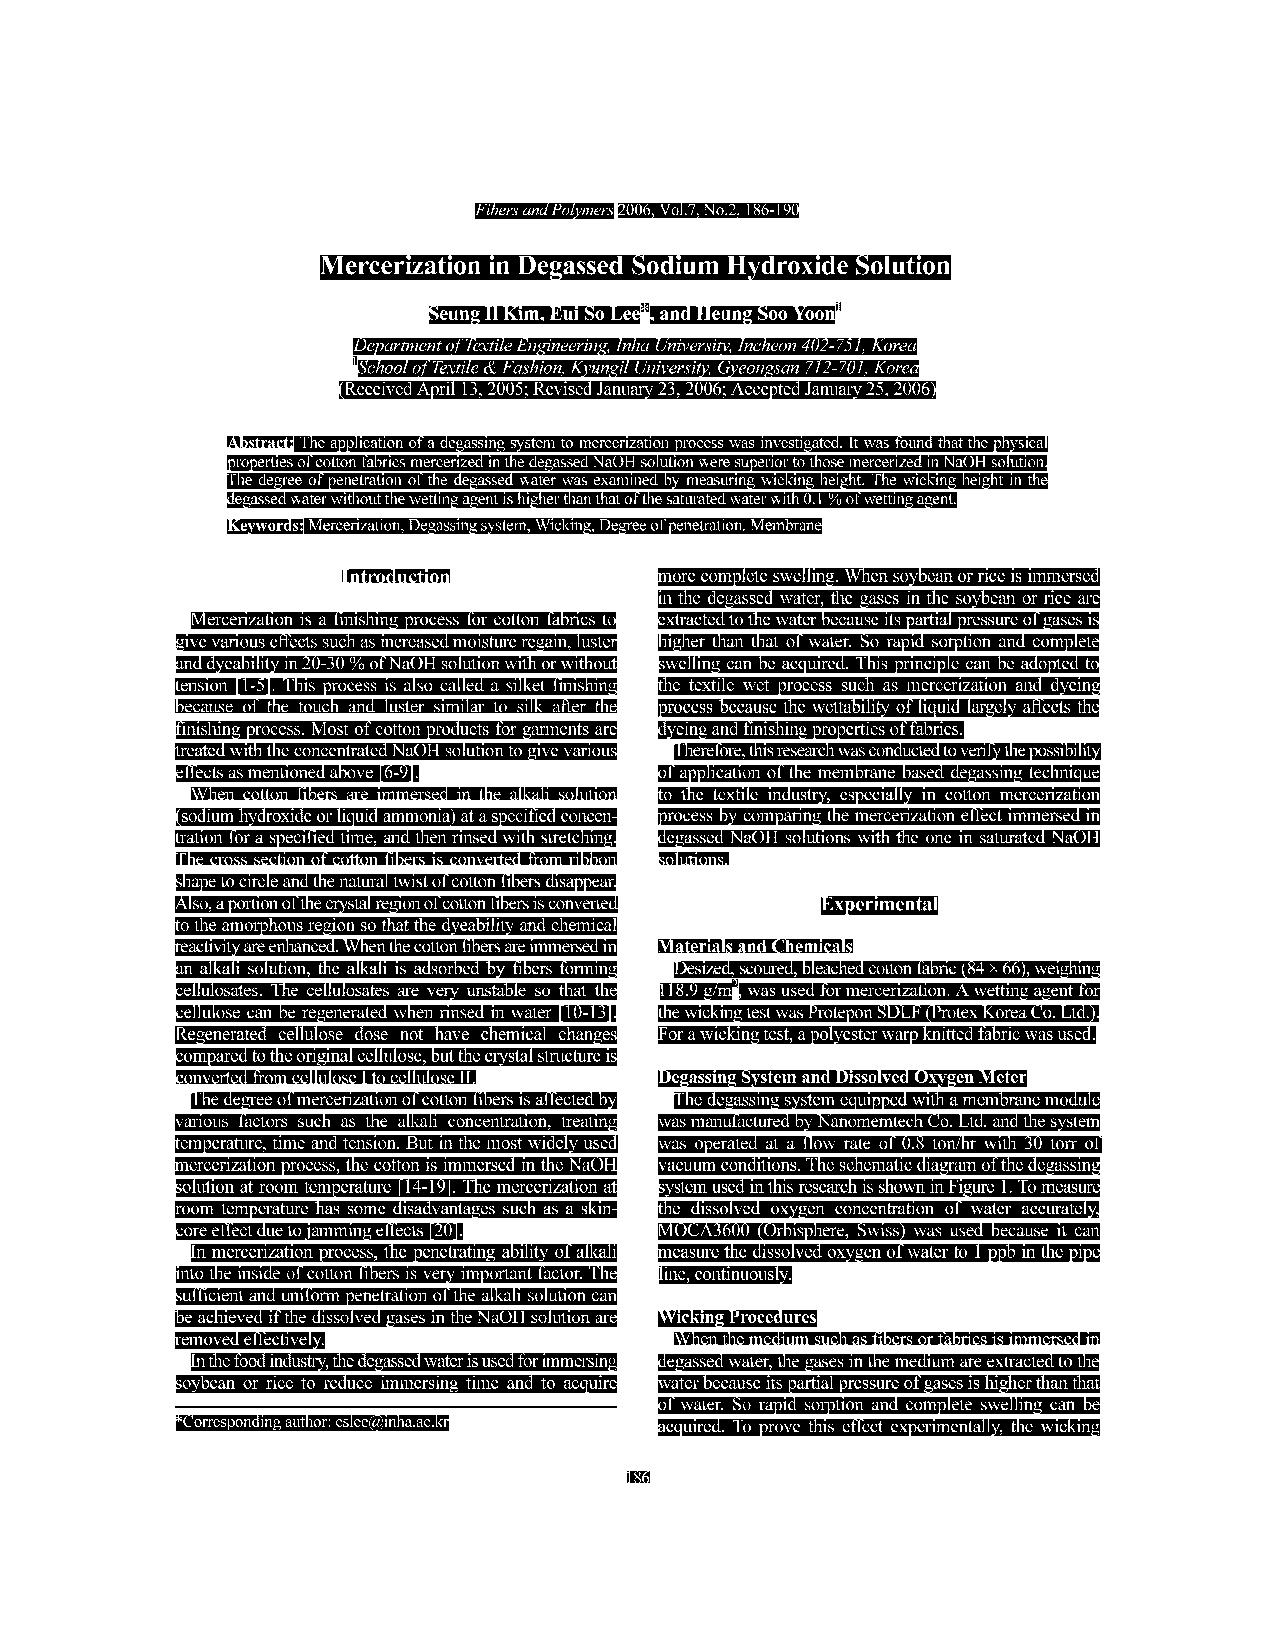 ترجمه مقاله و تحقیق - مرسریزه کردن در محلول هیدروکسید سدیم گاز زدایی شده سیانگ II کیم ، ایوسولی و هینونگ سویون بخش مهندسی نساجی